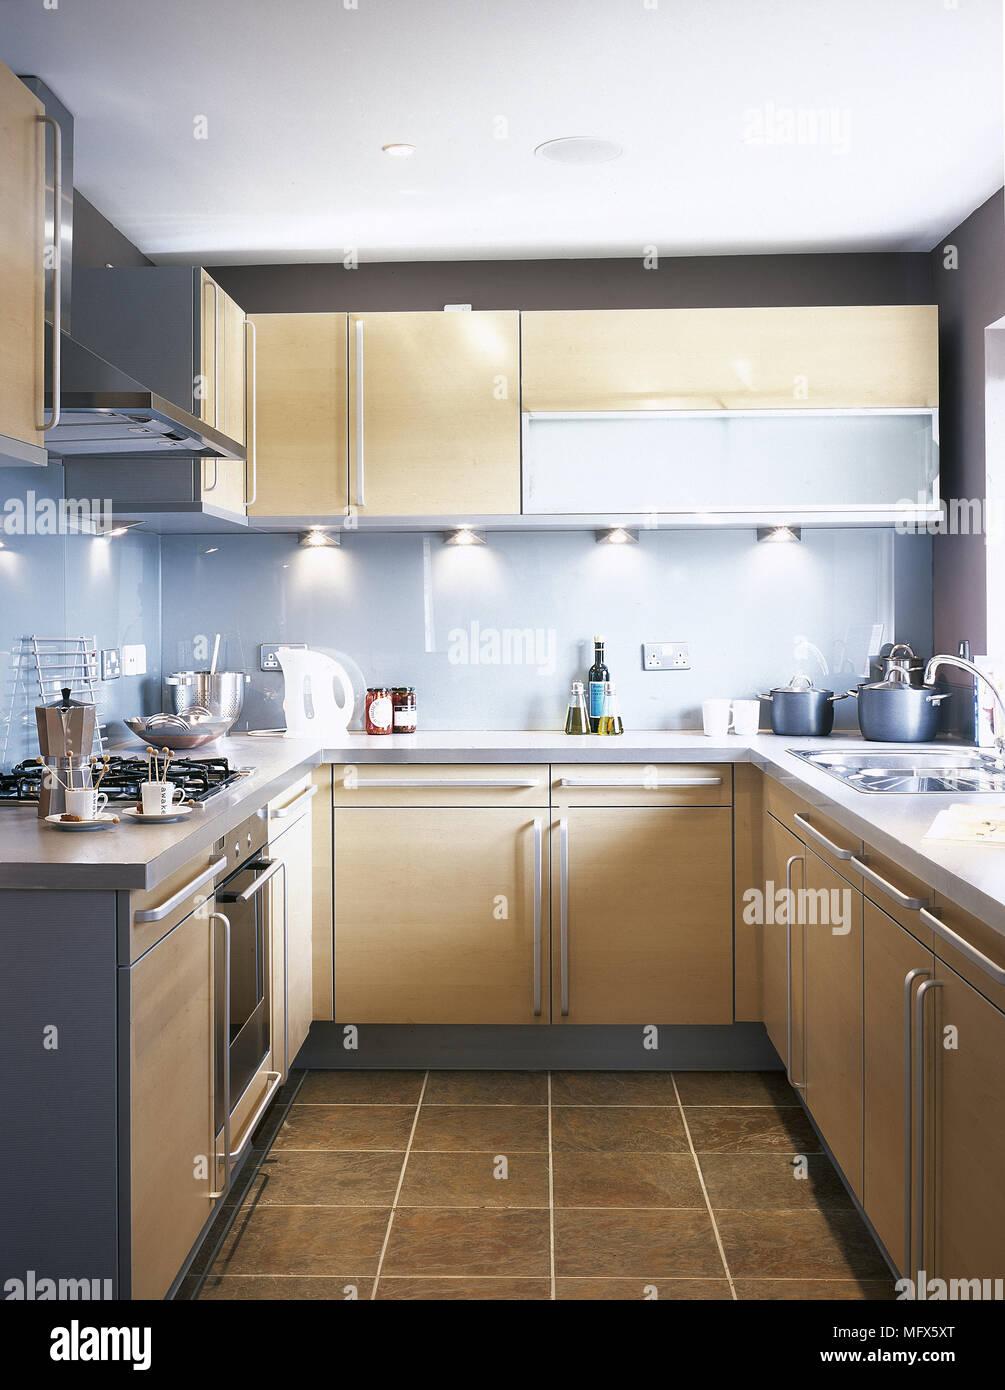 Niedlich Pantry Küche Beleuchtung Layout Fotos - Ideen Für Die Küche ...